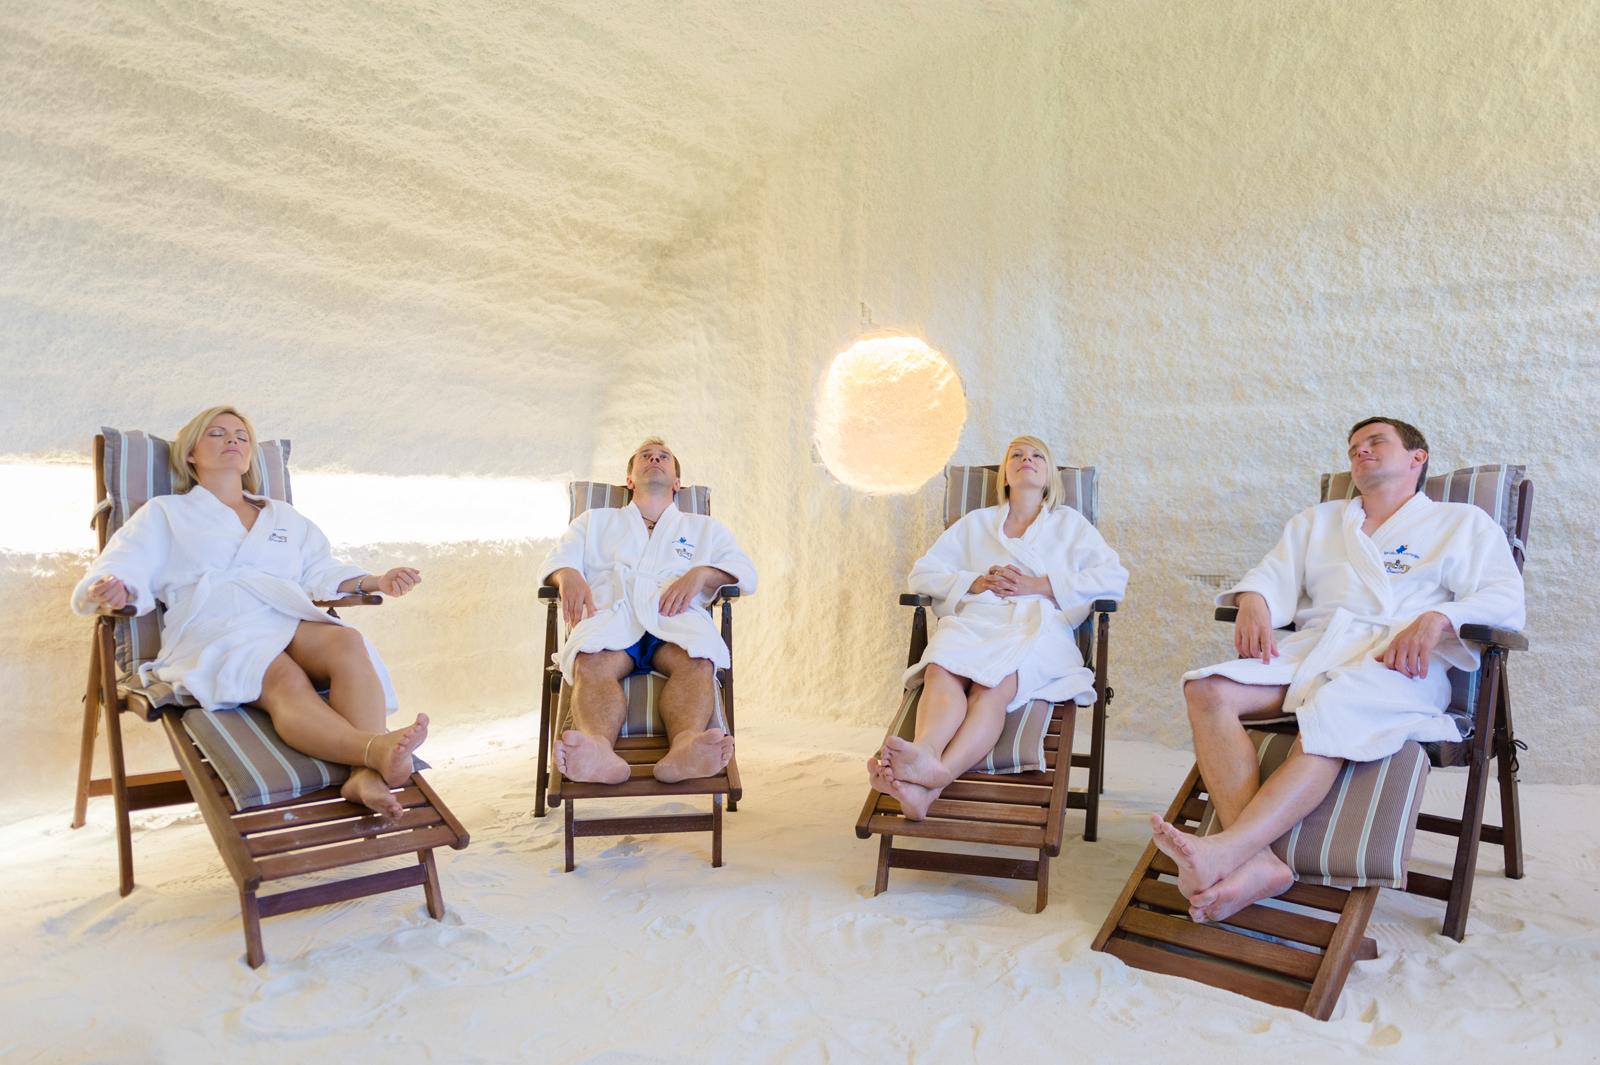 Monesta Viron kylpylästä löytyy hengitysteitä hellivä suolahoitohuone.